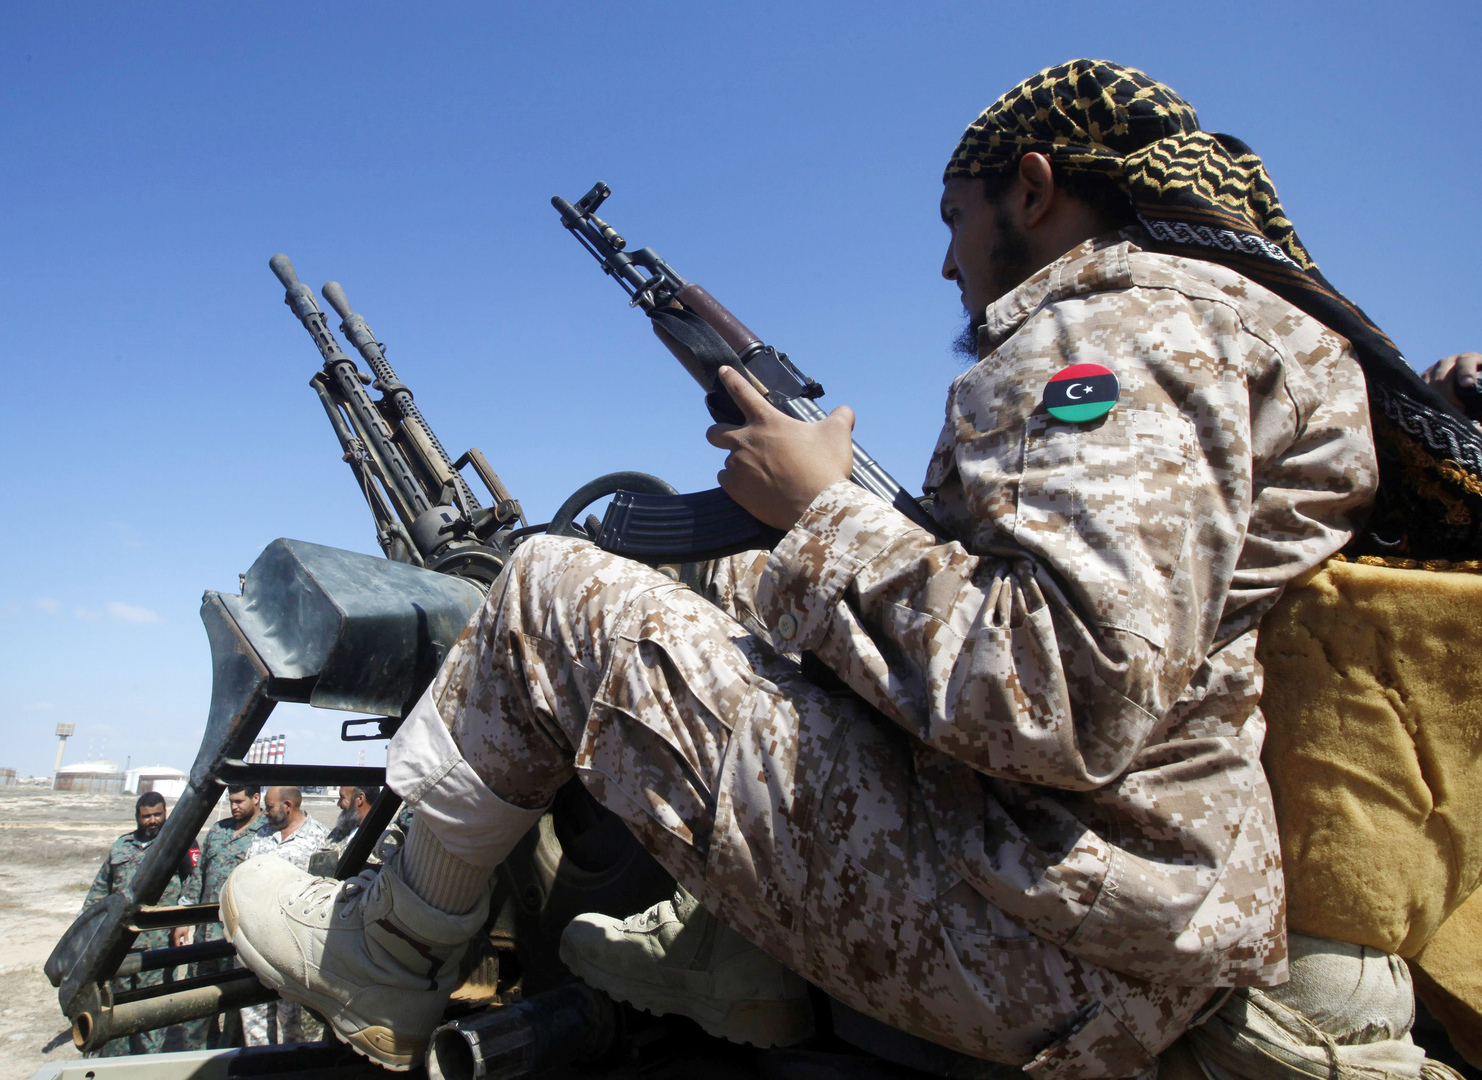 مقتل قيادات عسكرية ليبية إثر انفجار في الأكاديمية البحرية بمنطقة جنزور